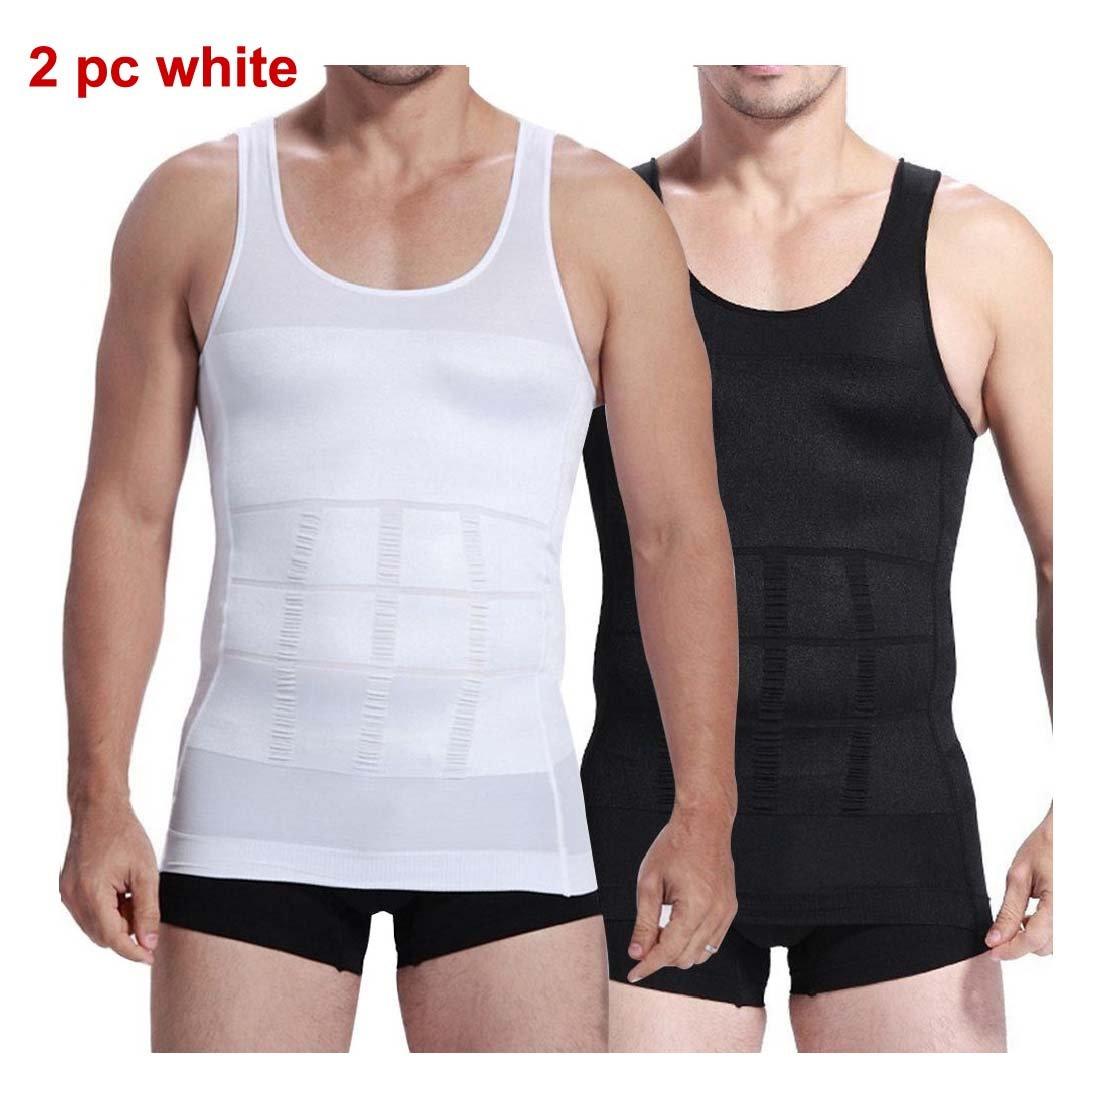 2pcs Mens Compression Slimming Body Shaper Undershirt 2 white or 2 black + Free Gift (L, white+white)